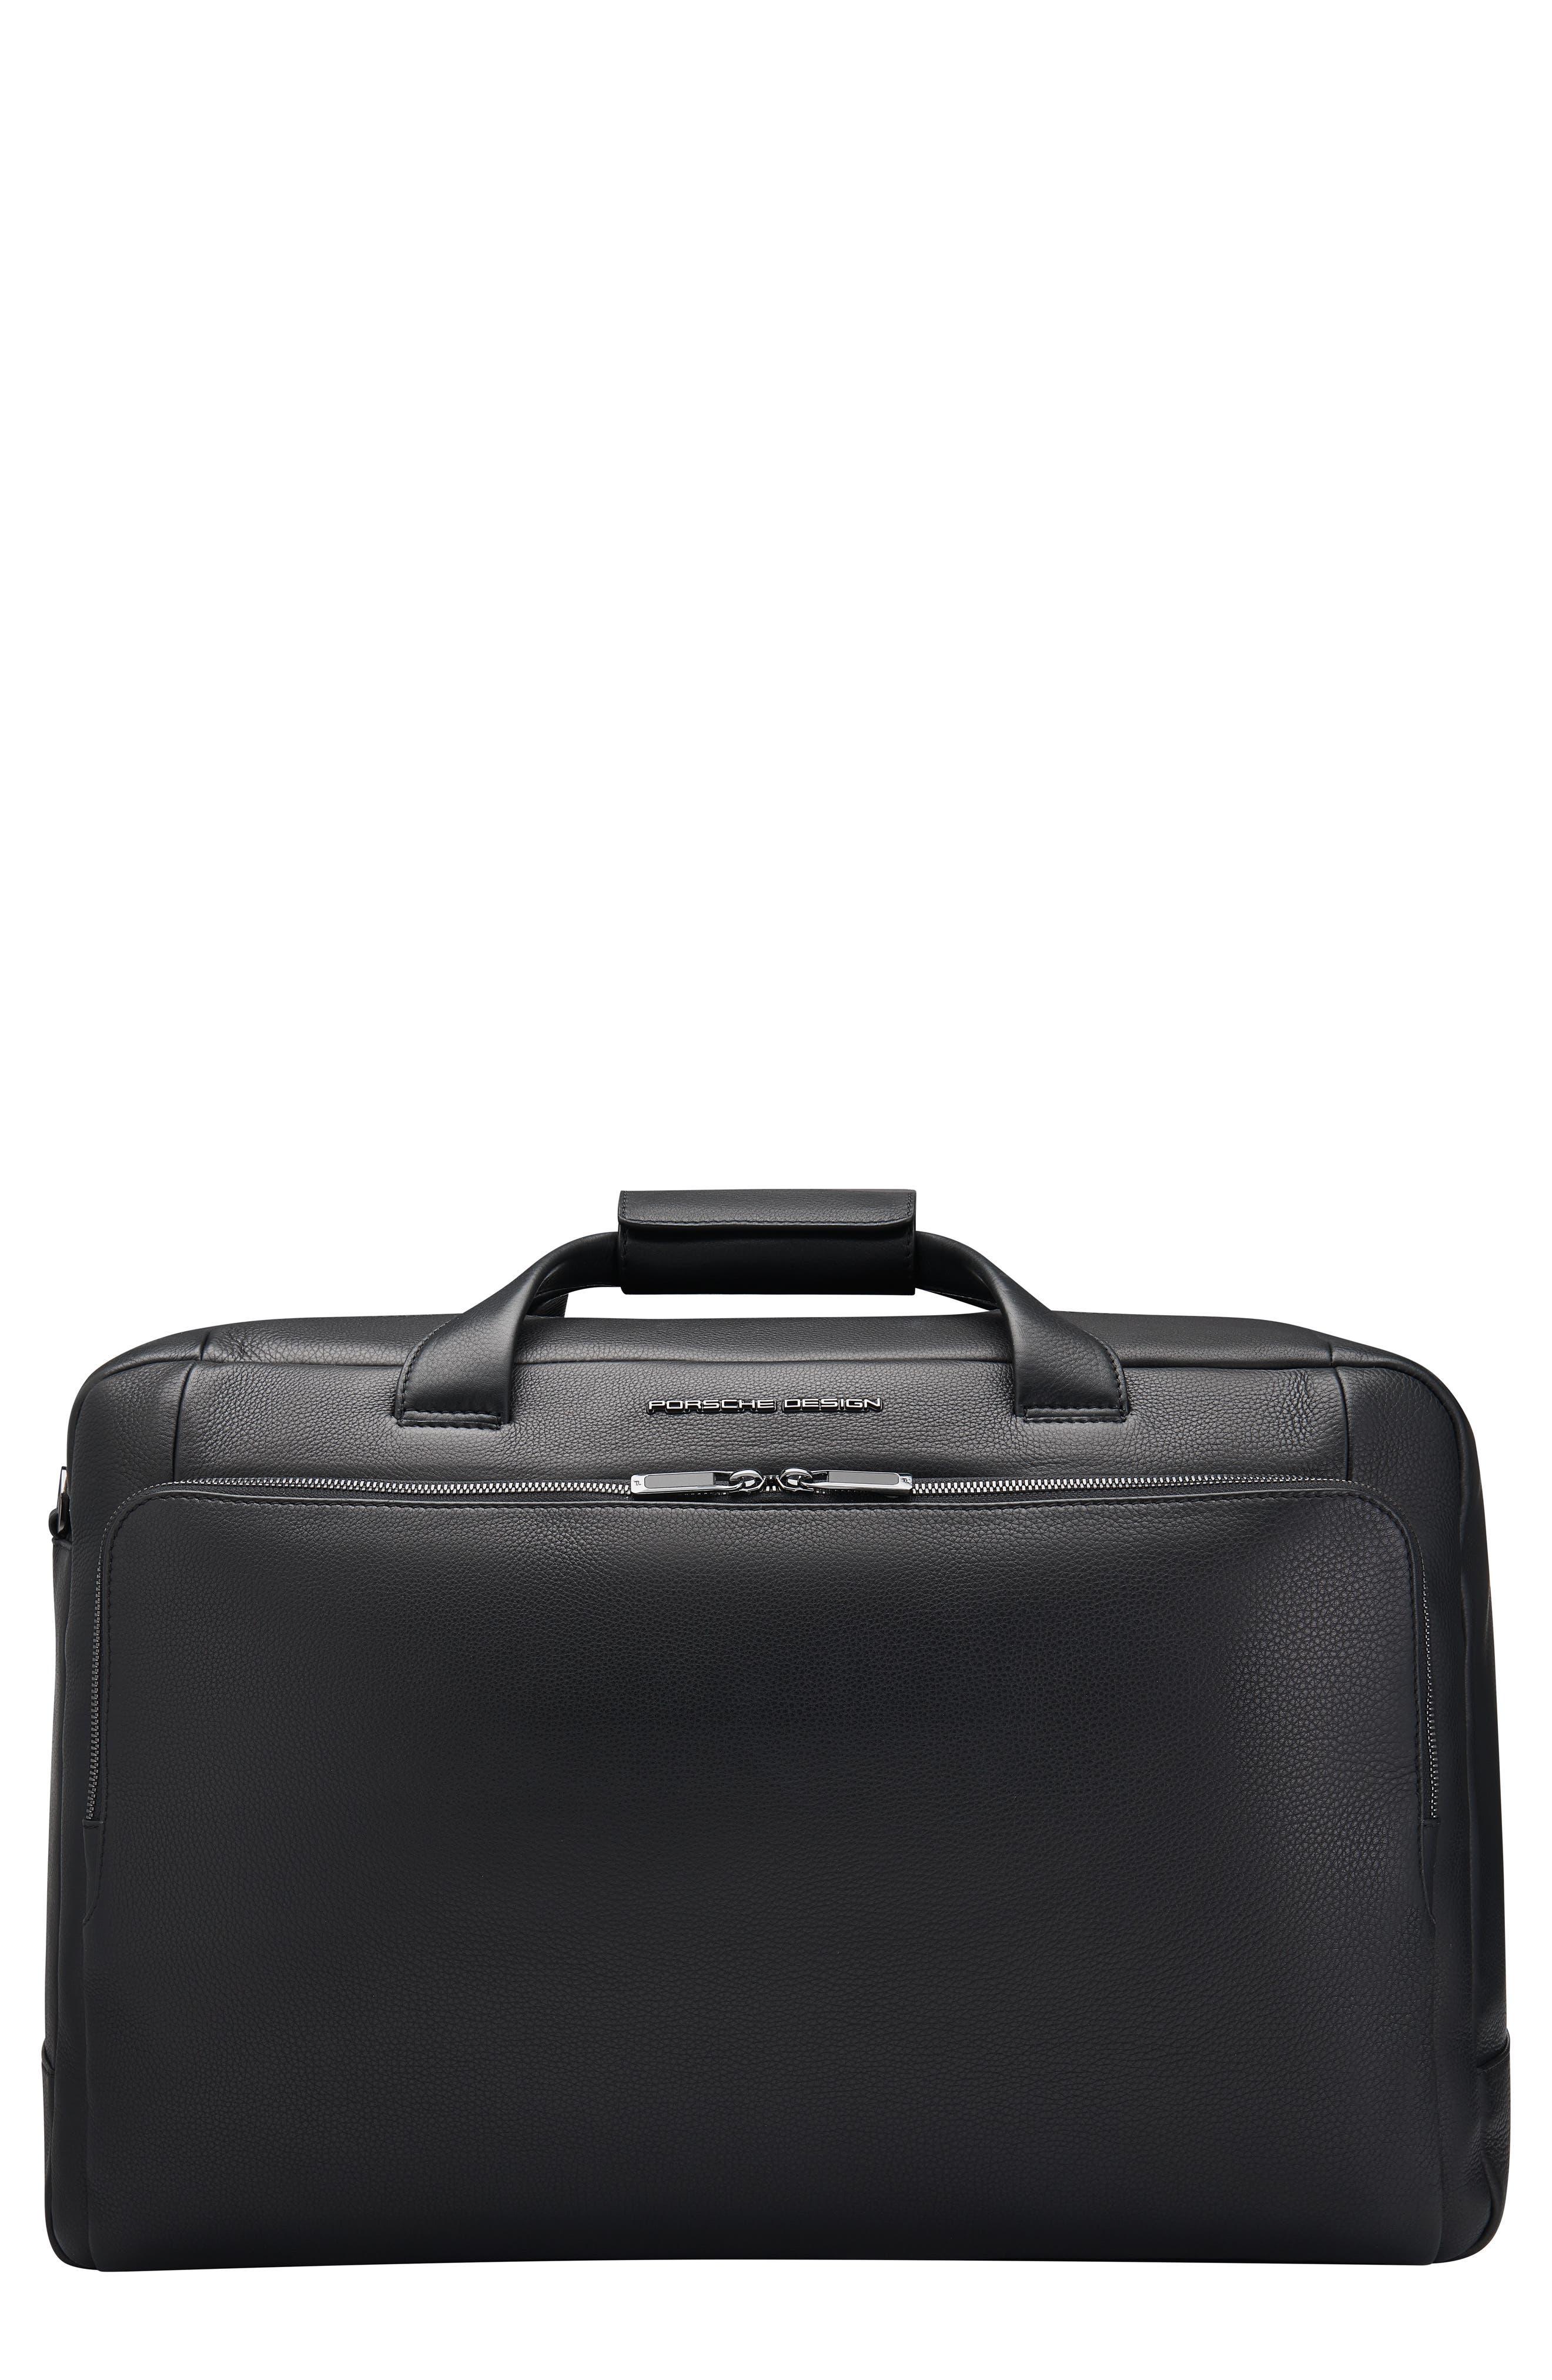 Roadster Water Resistant Leather Weekend Duffle Bag